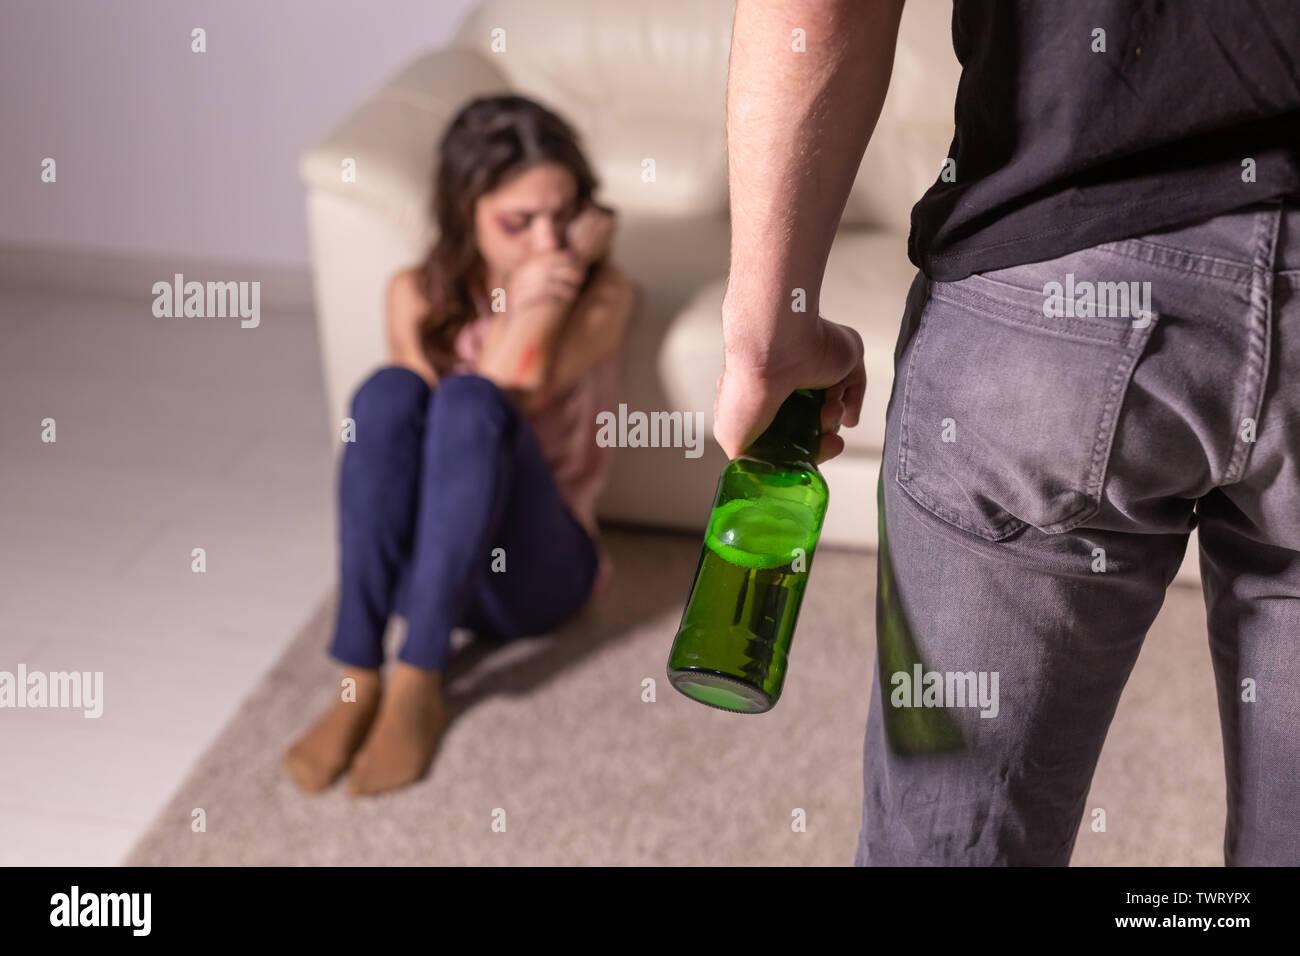 Häusliche Gewalt, Alkohol und Missbrauch Konzept - betrunkener Mann mit Flasche missbraucht seine Frau auf dem Boden liegend Stockbild